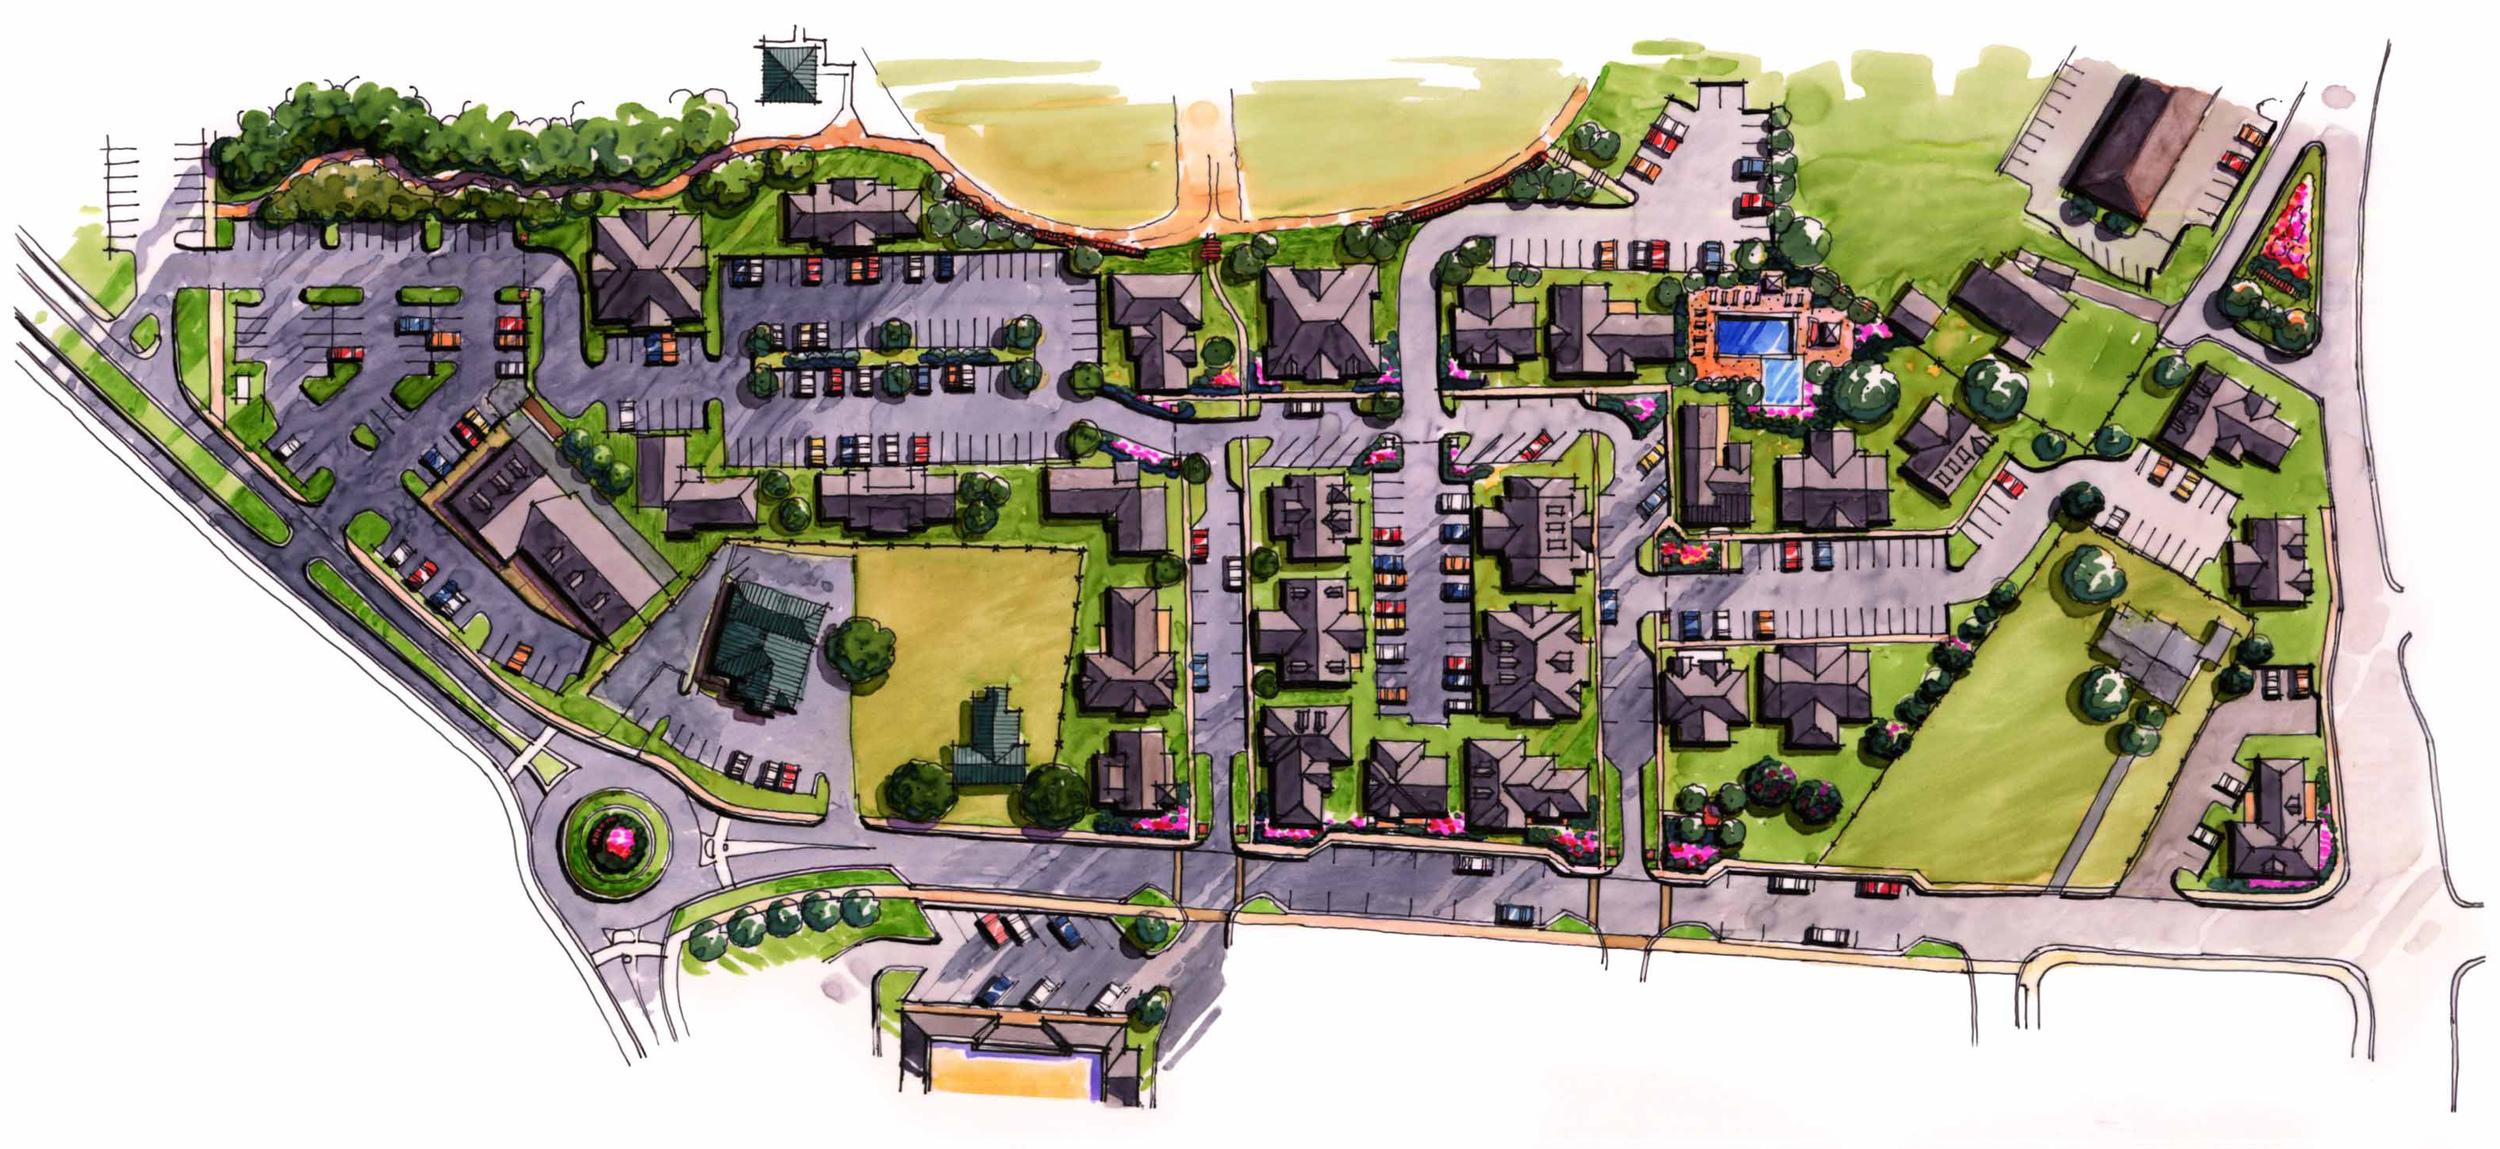 Dallas & Main Site Plan